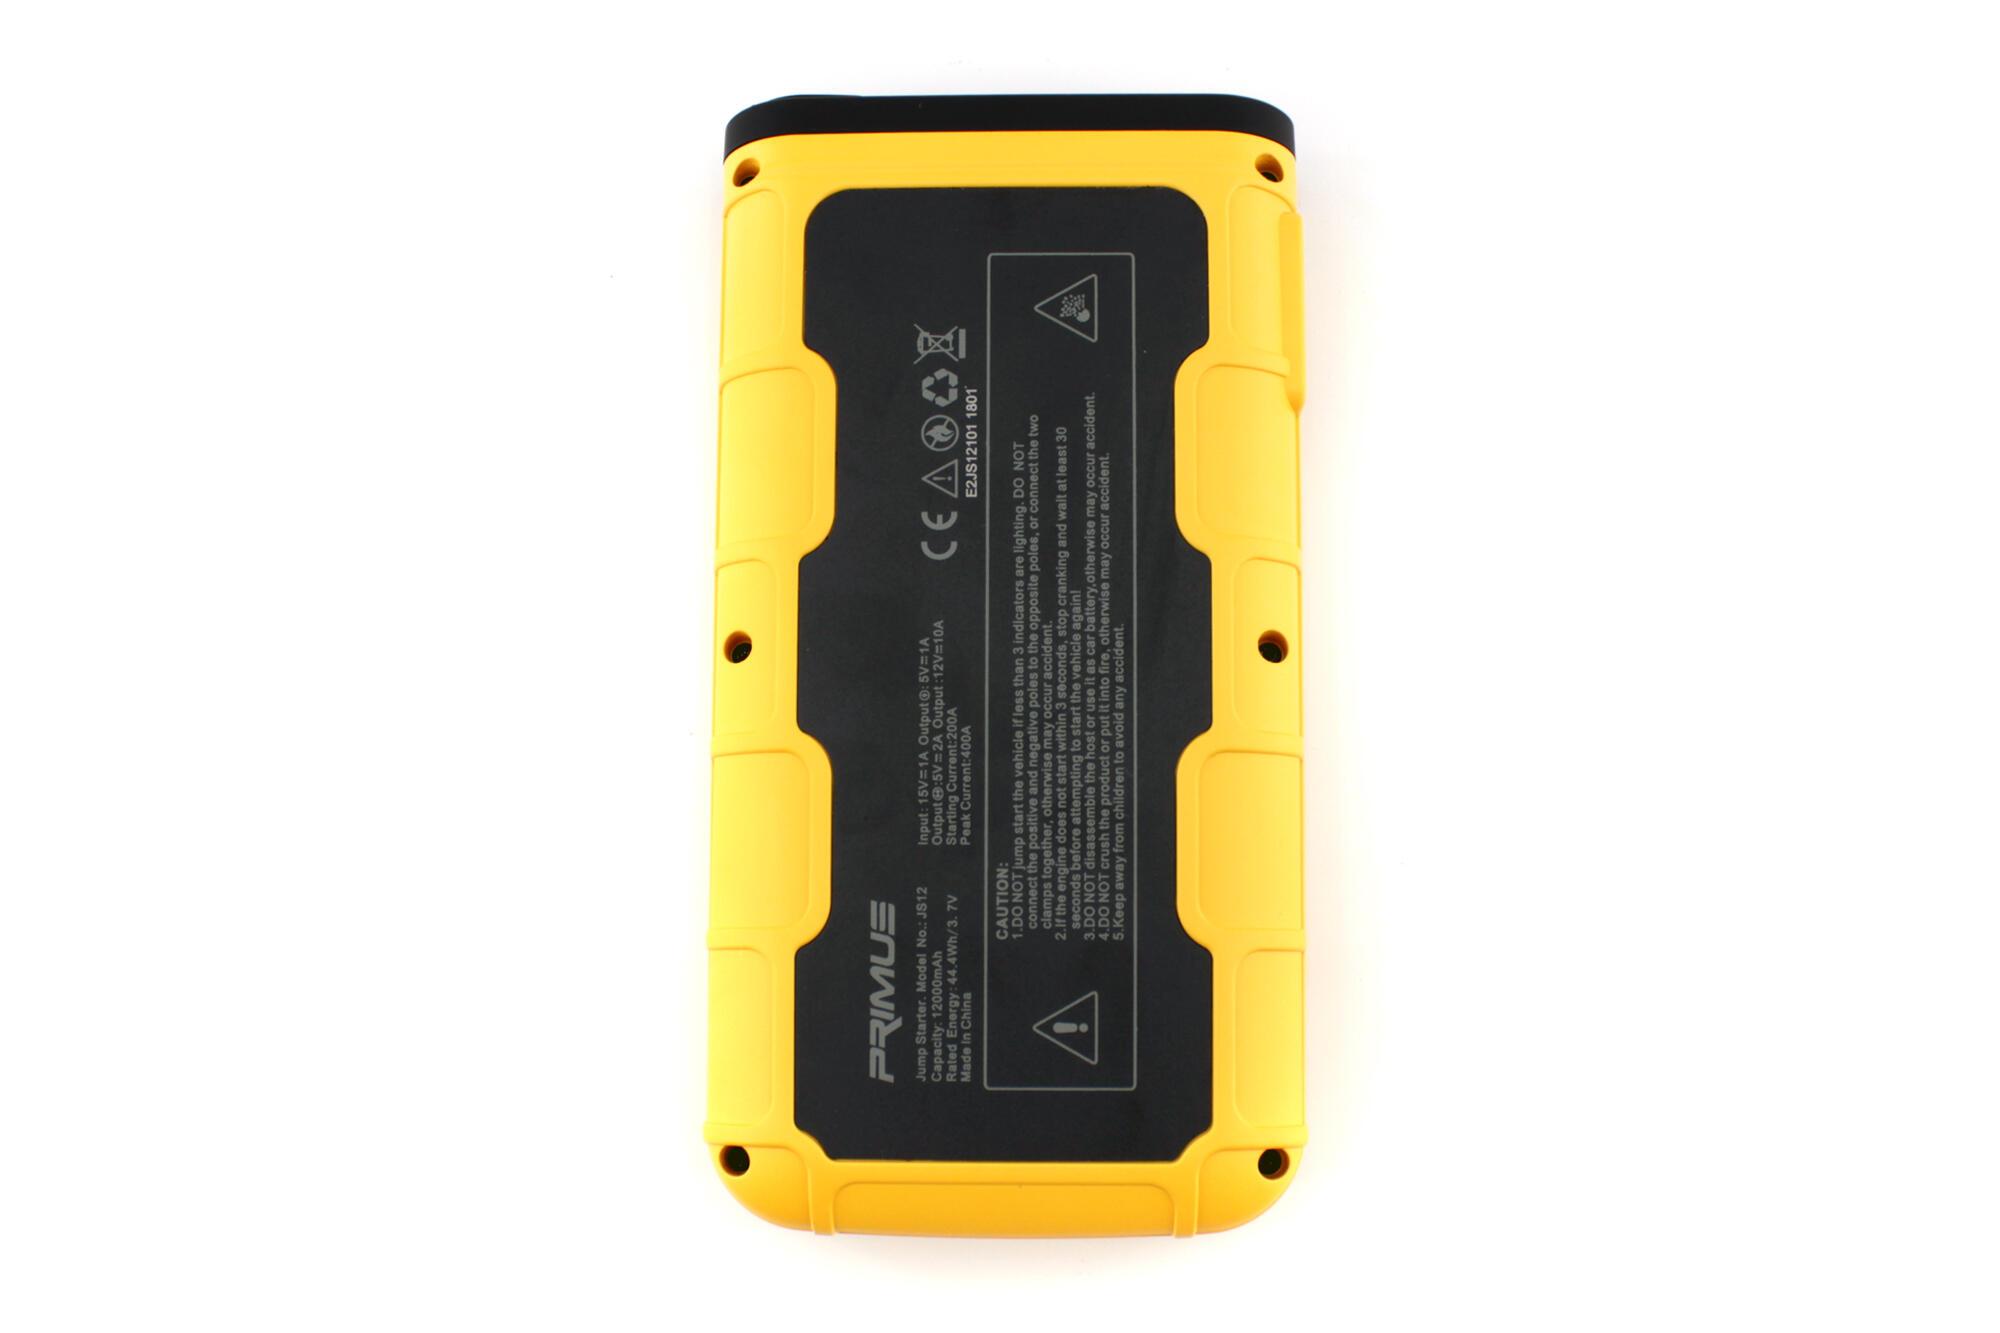 Periferiya - Portativnyy akkumulyator Romoss Jump Starter JS12-101-05 zheltyy